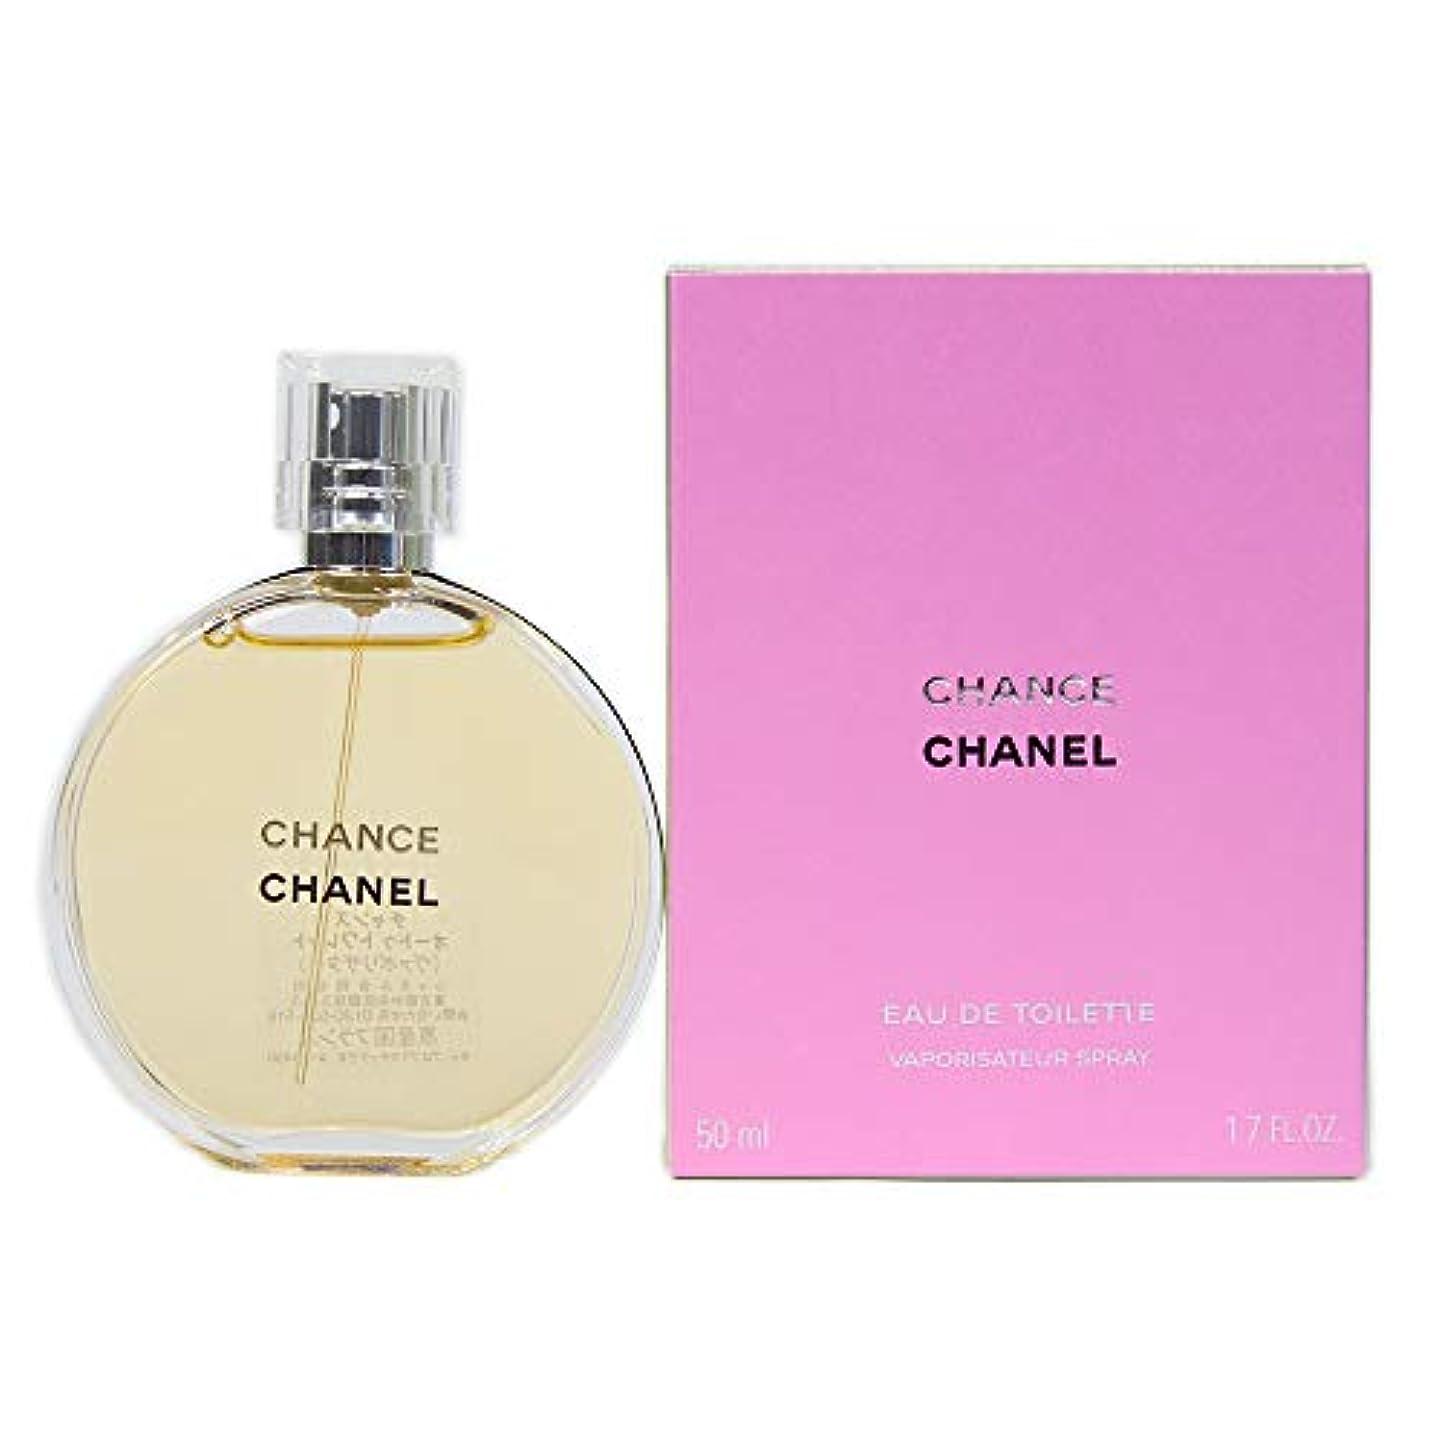 事前に記述する狂うシャネル CHANEL チャンス オードトワレ EDT 50mL 香水